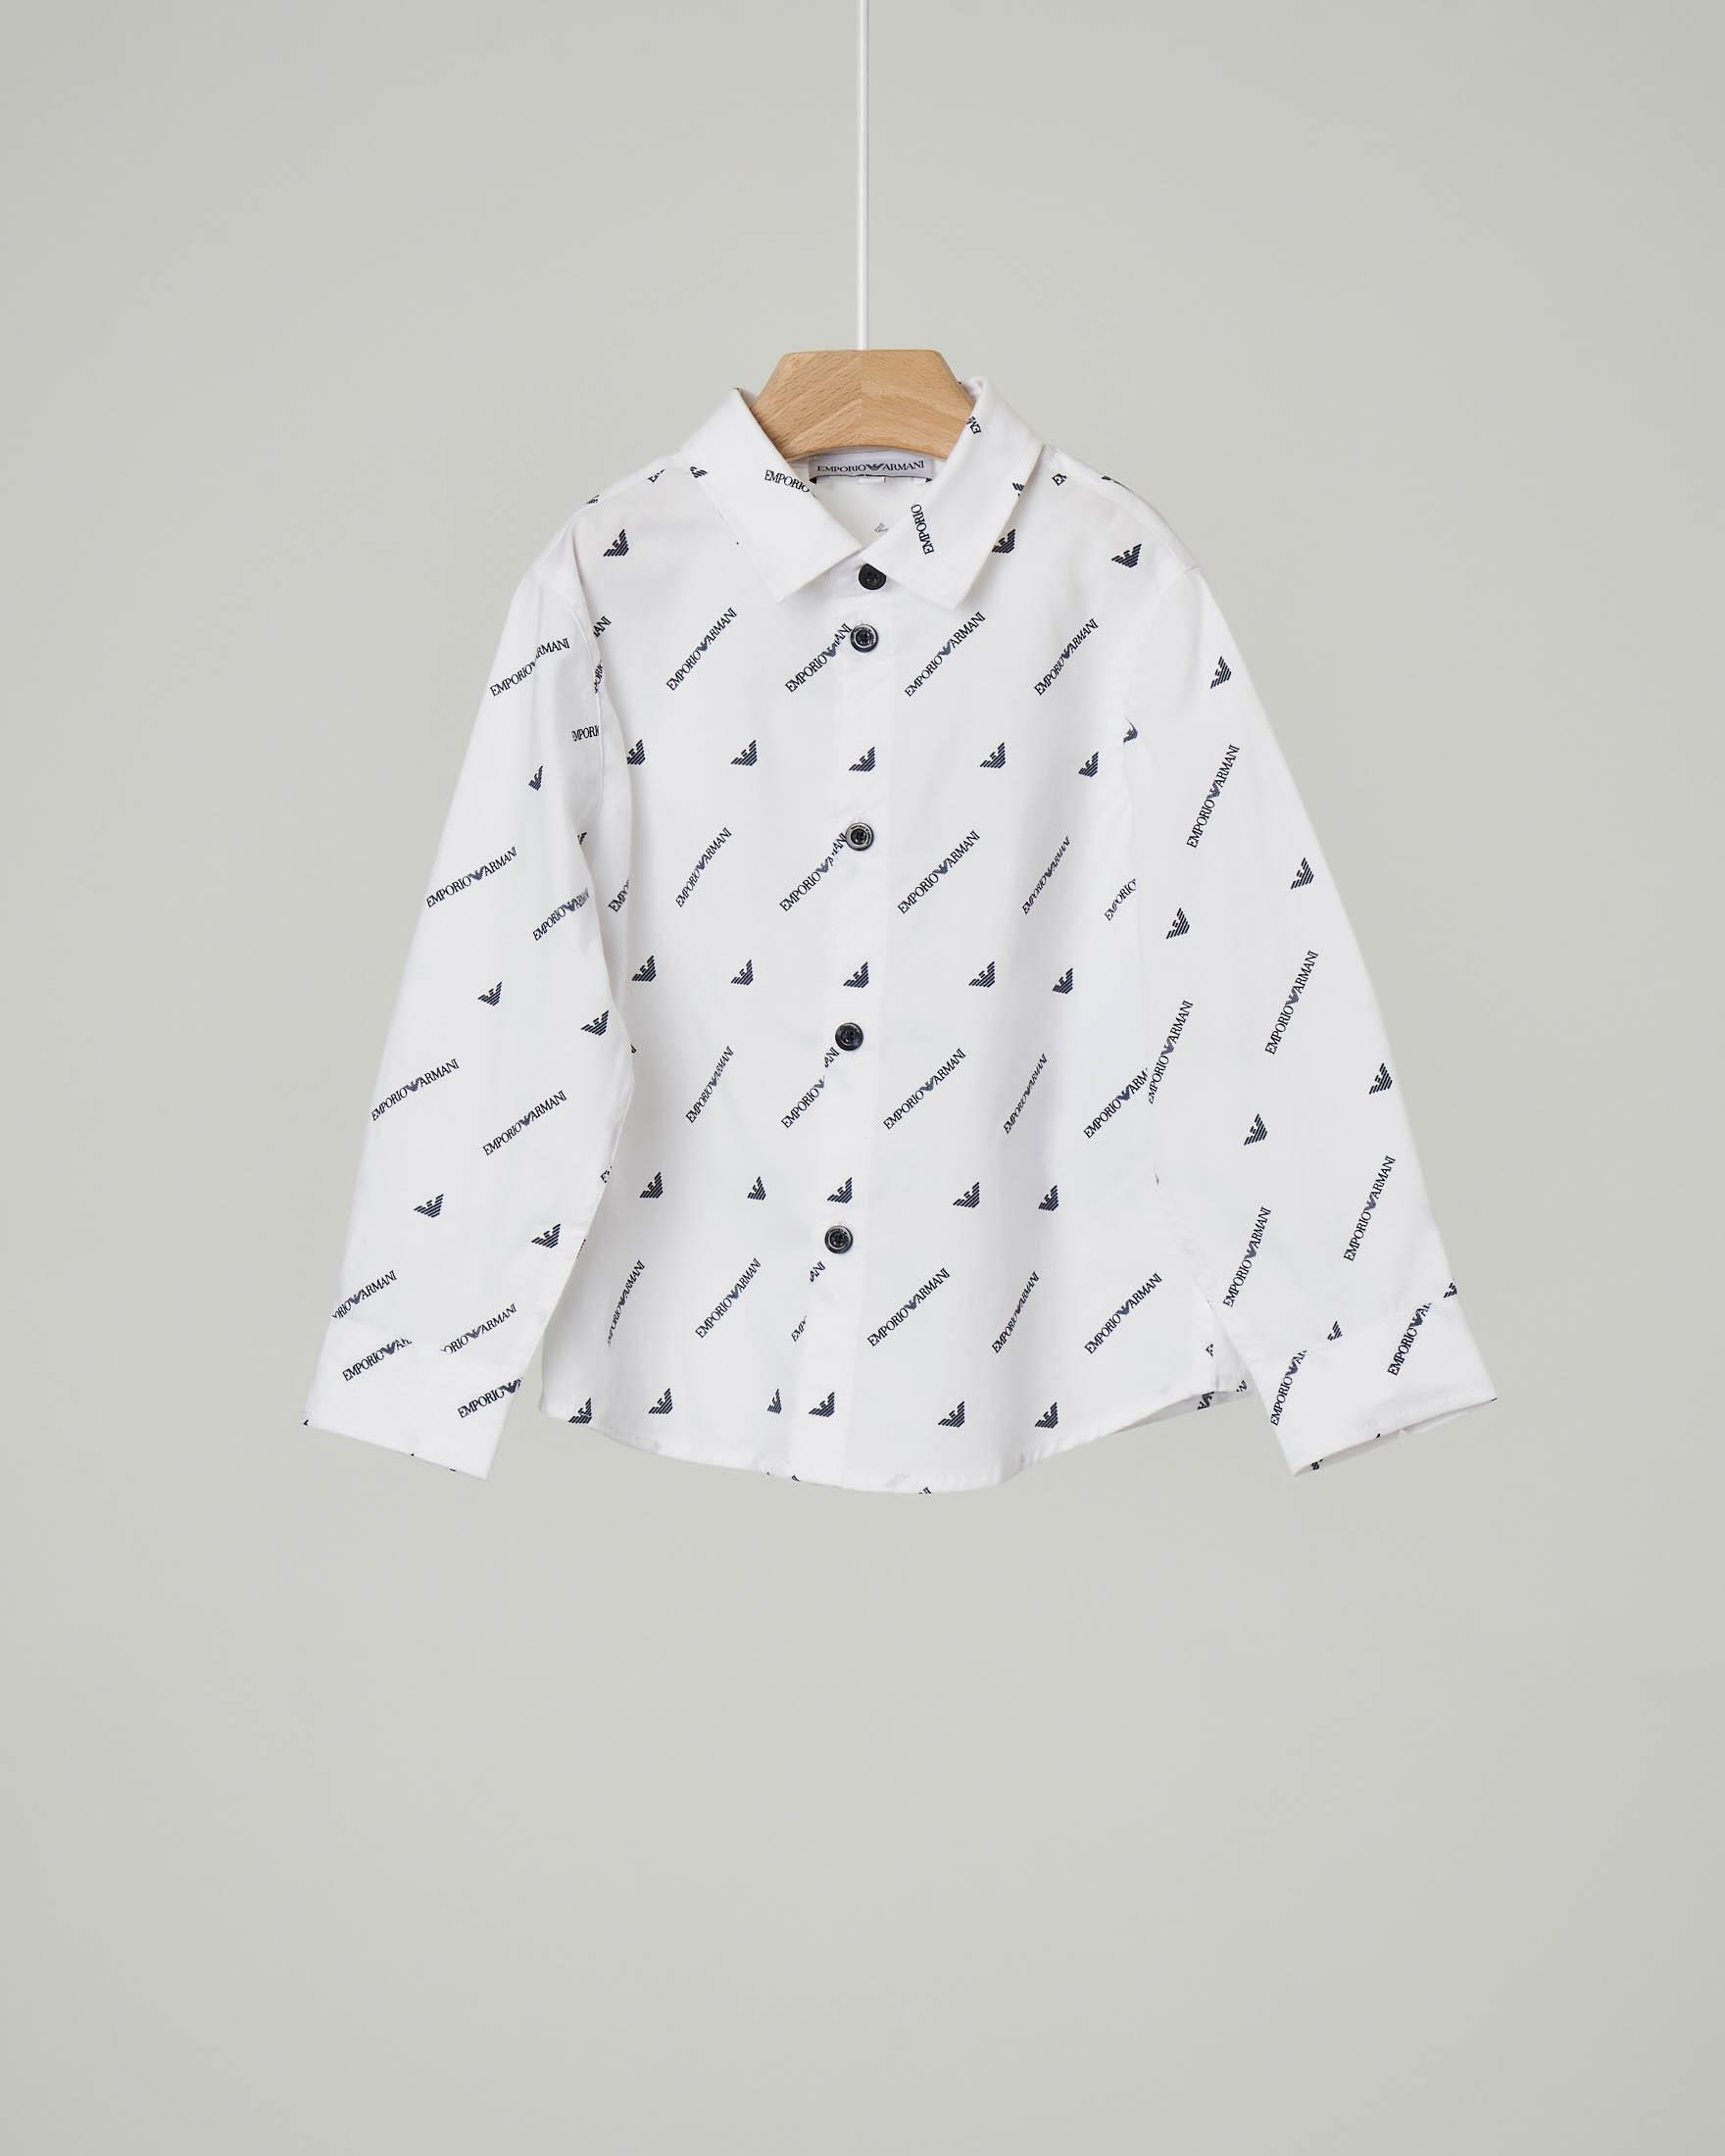 Camicia bianca in cotone stretch con logo all over 9-36 mesi